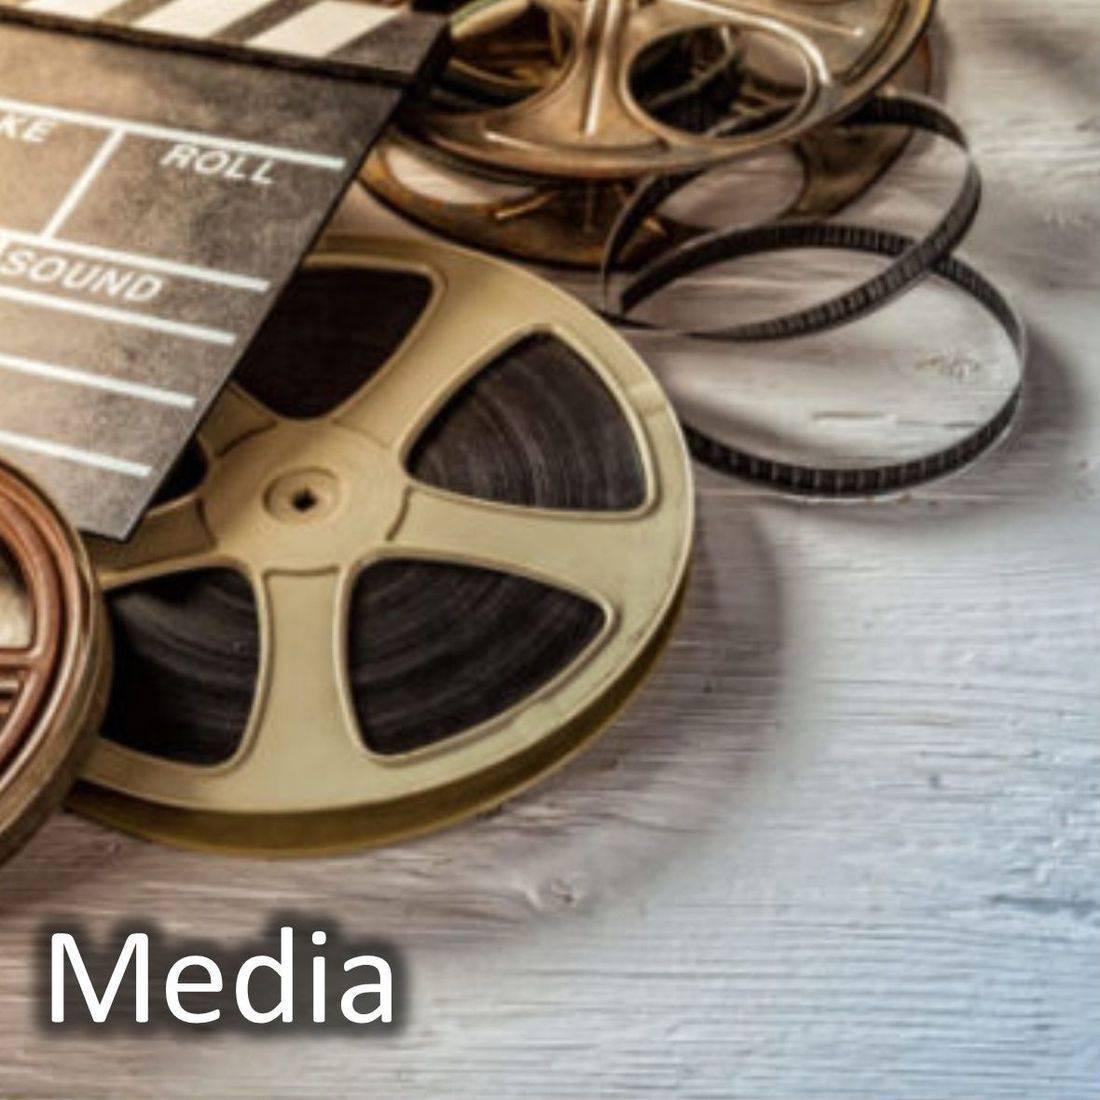 Media, Television, Film, Radio